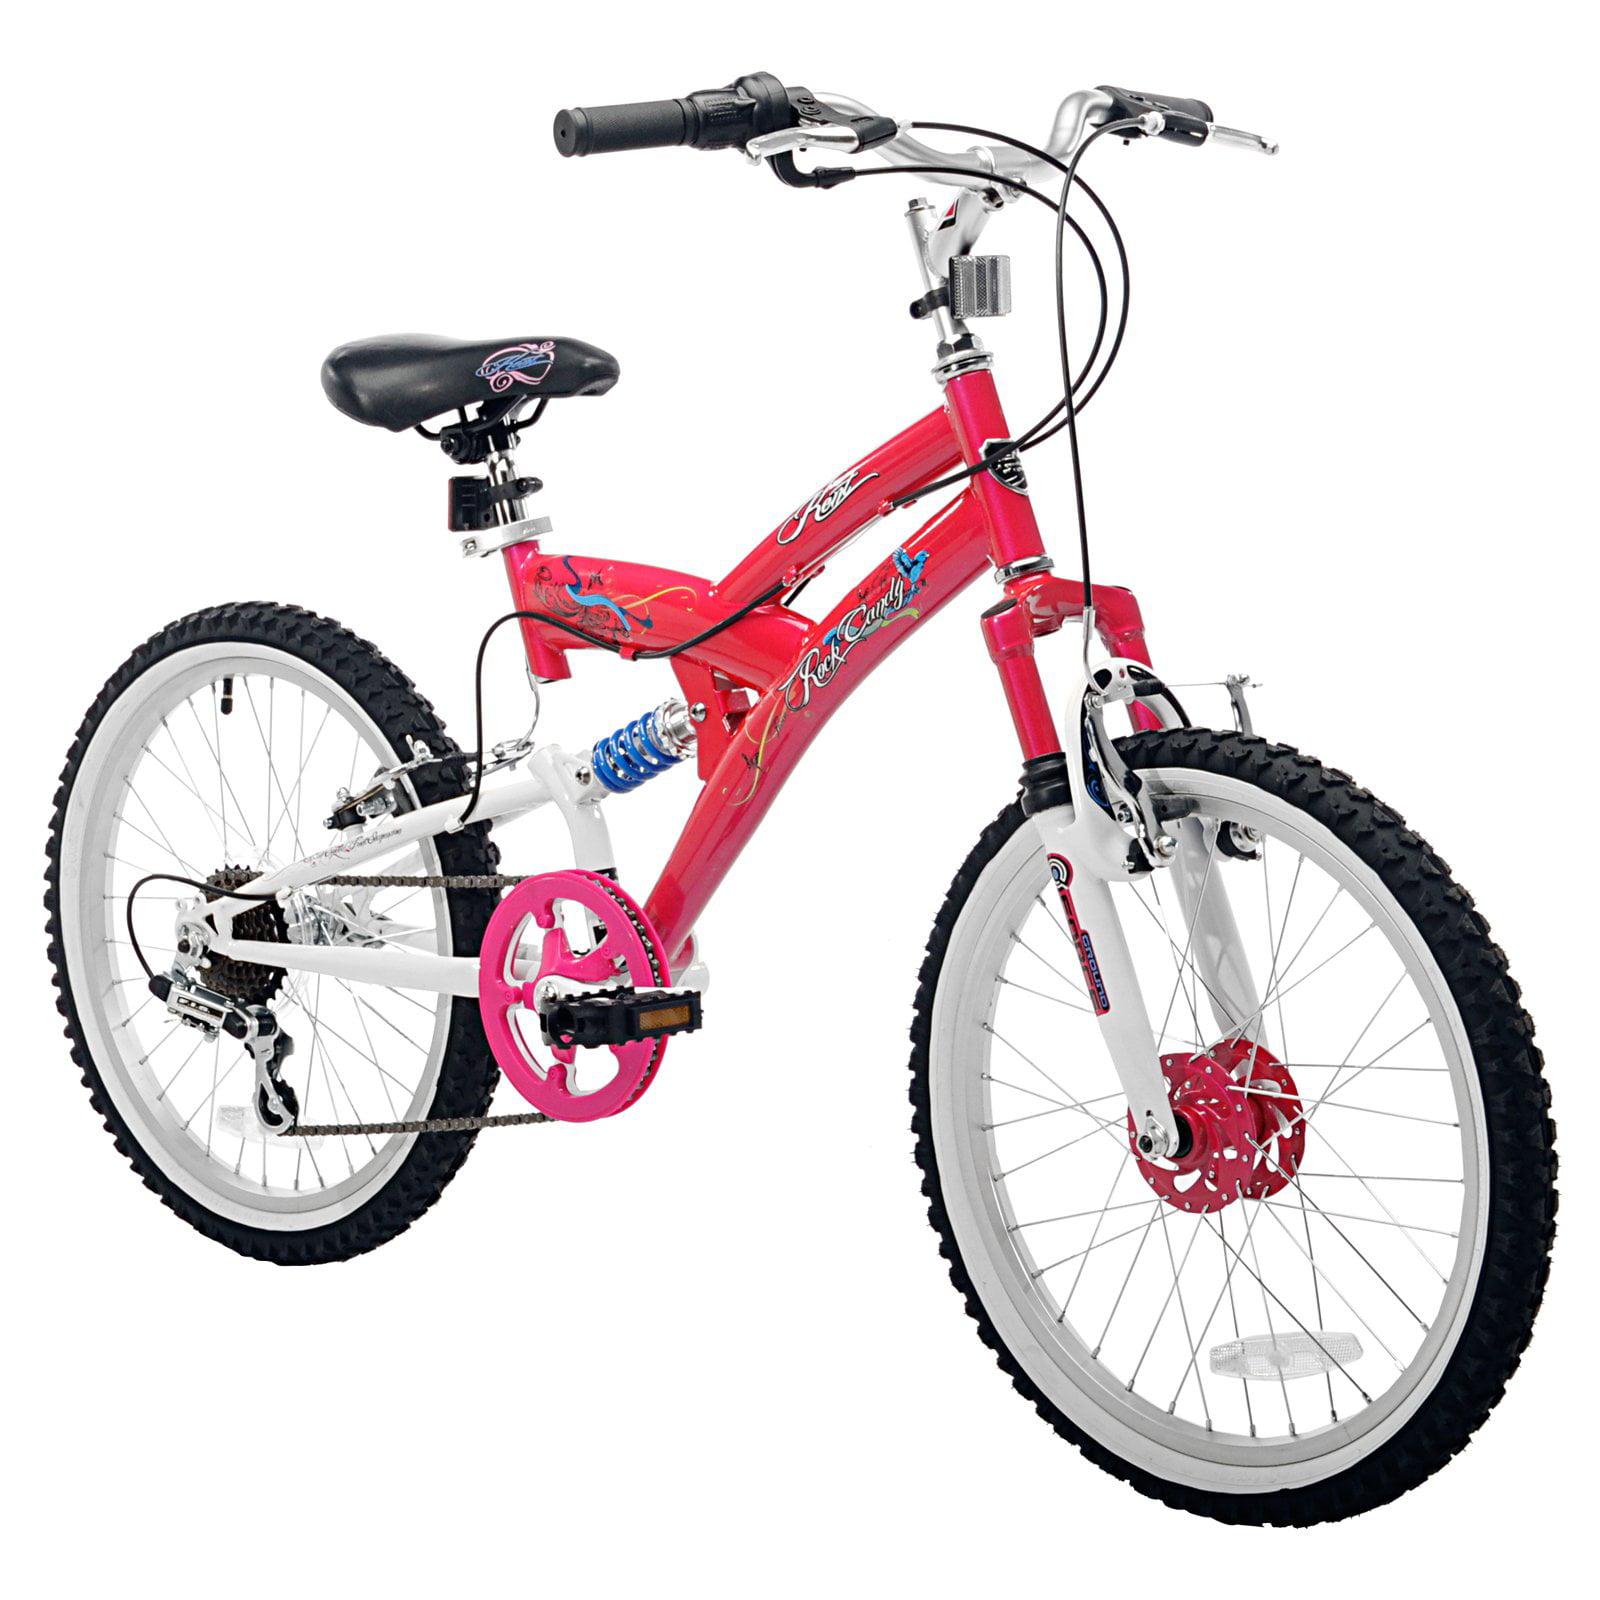 Kent 20 in. Rock Candy Bike